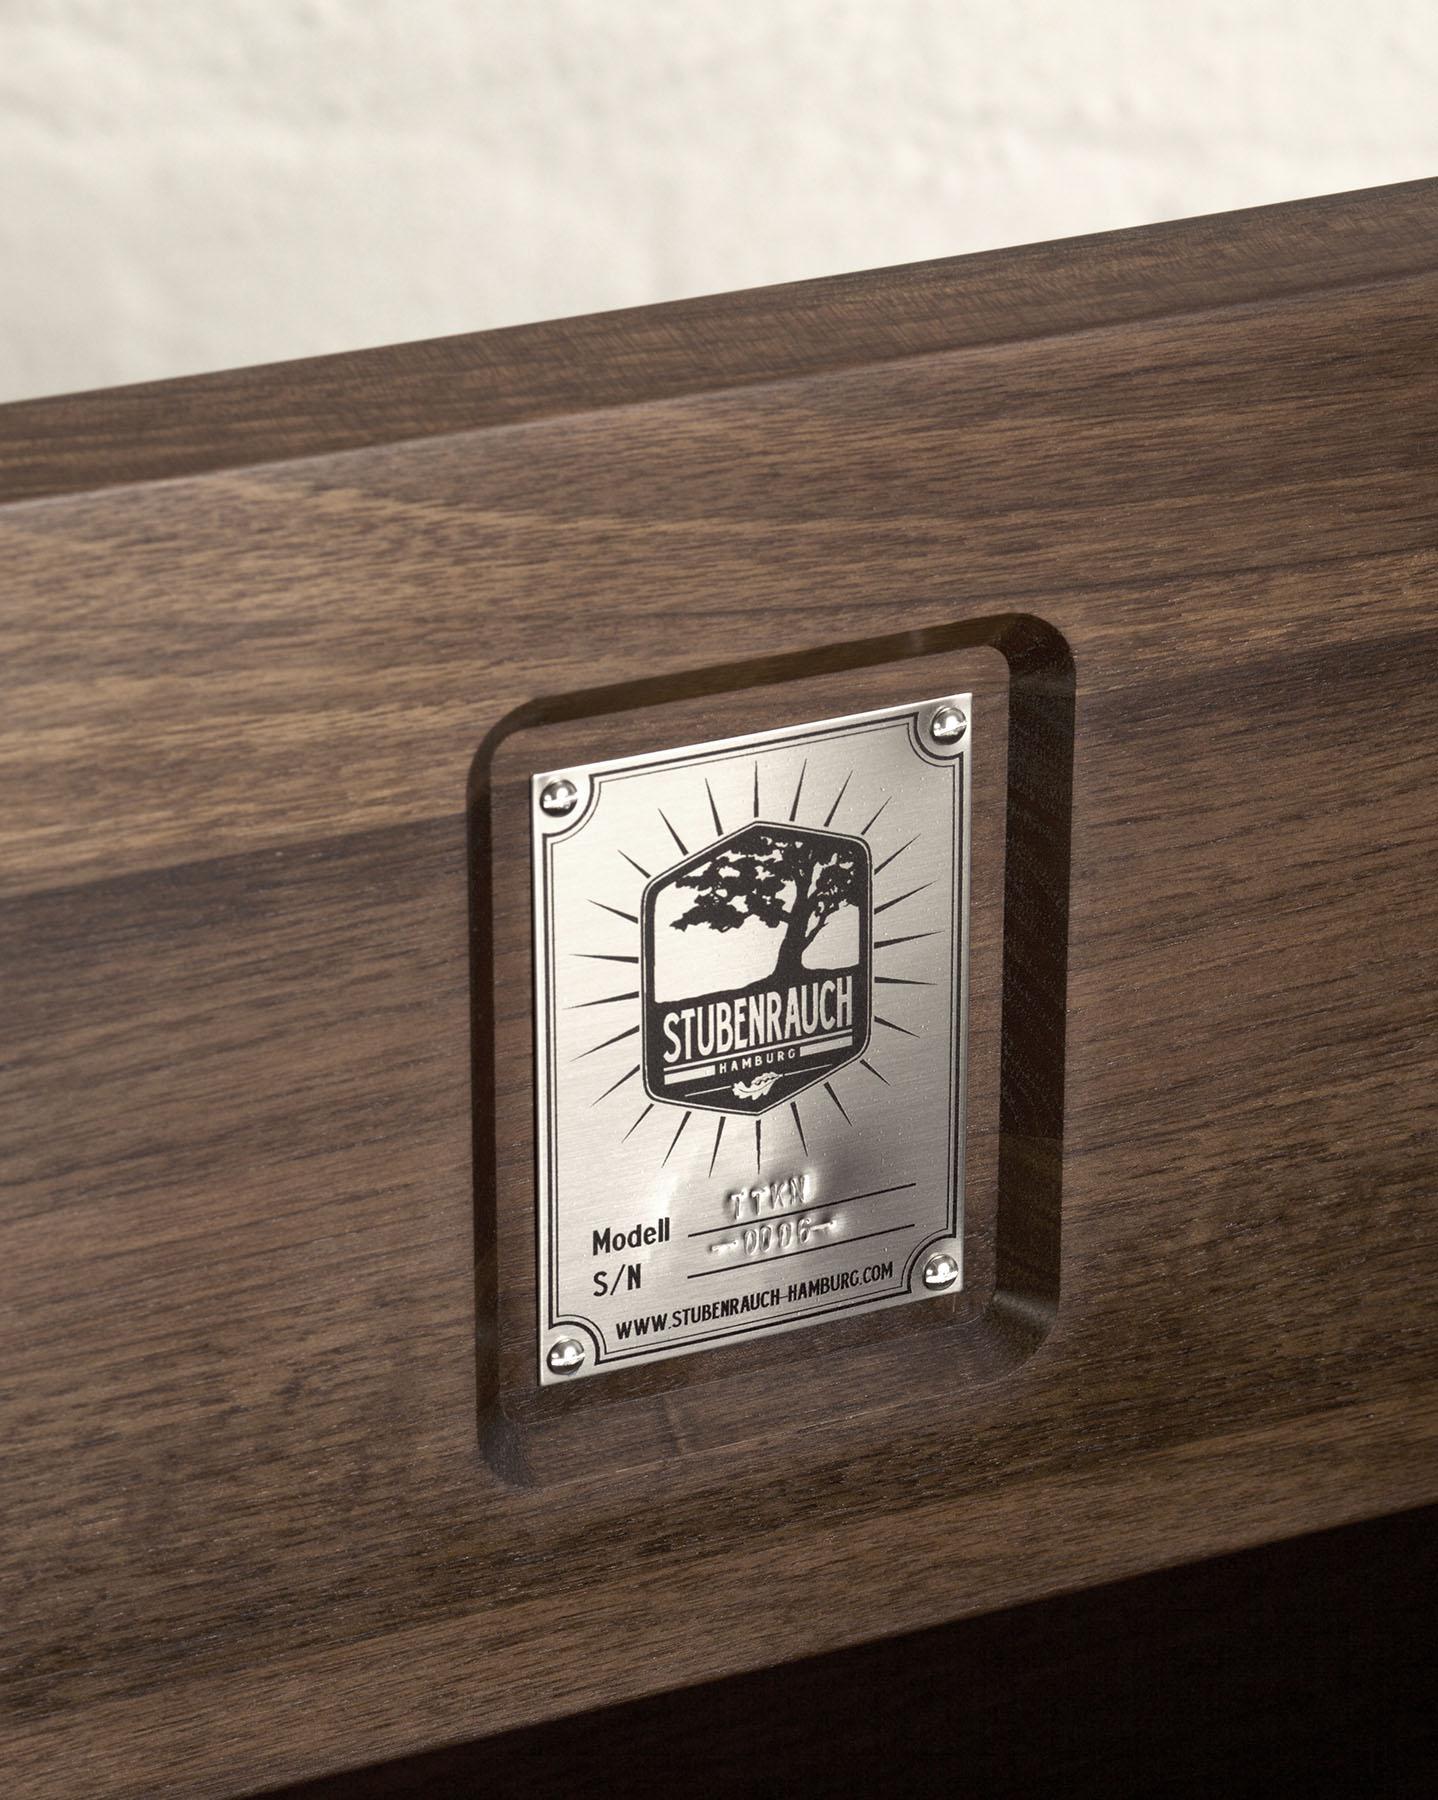 Jeder Schreibtisch hat in der Klappe eine Plakette mit individueller Seriennummer eingraviert